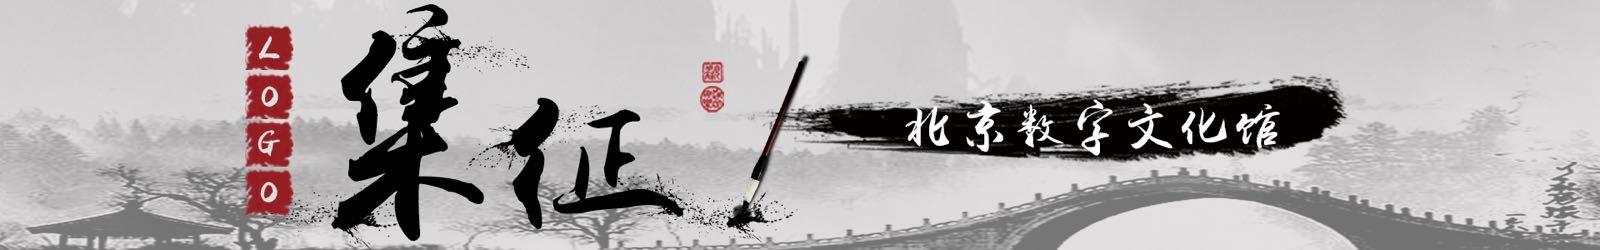 北京數字文化館標識有獎征集!期待才華橫溢的你!